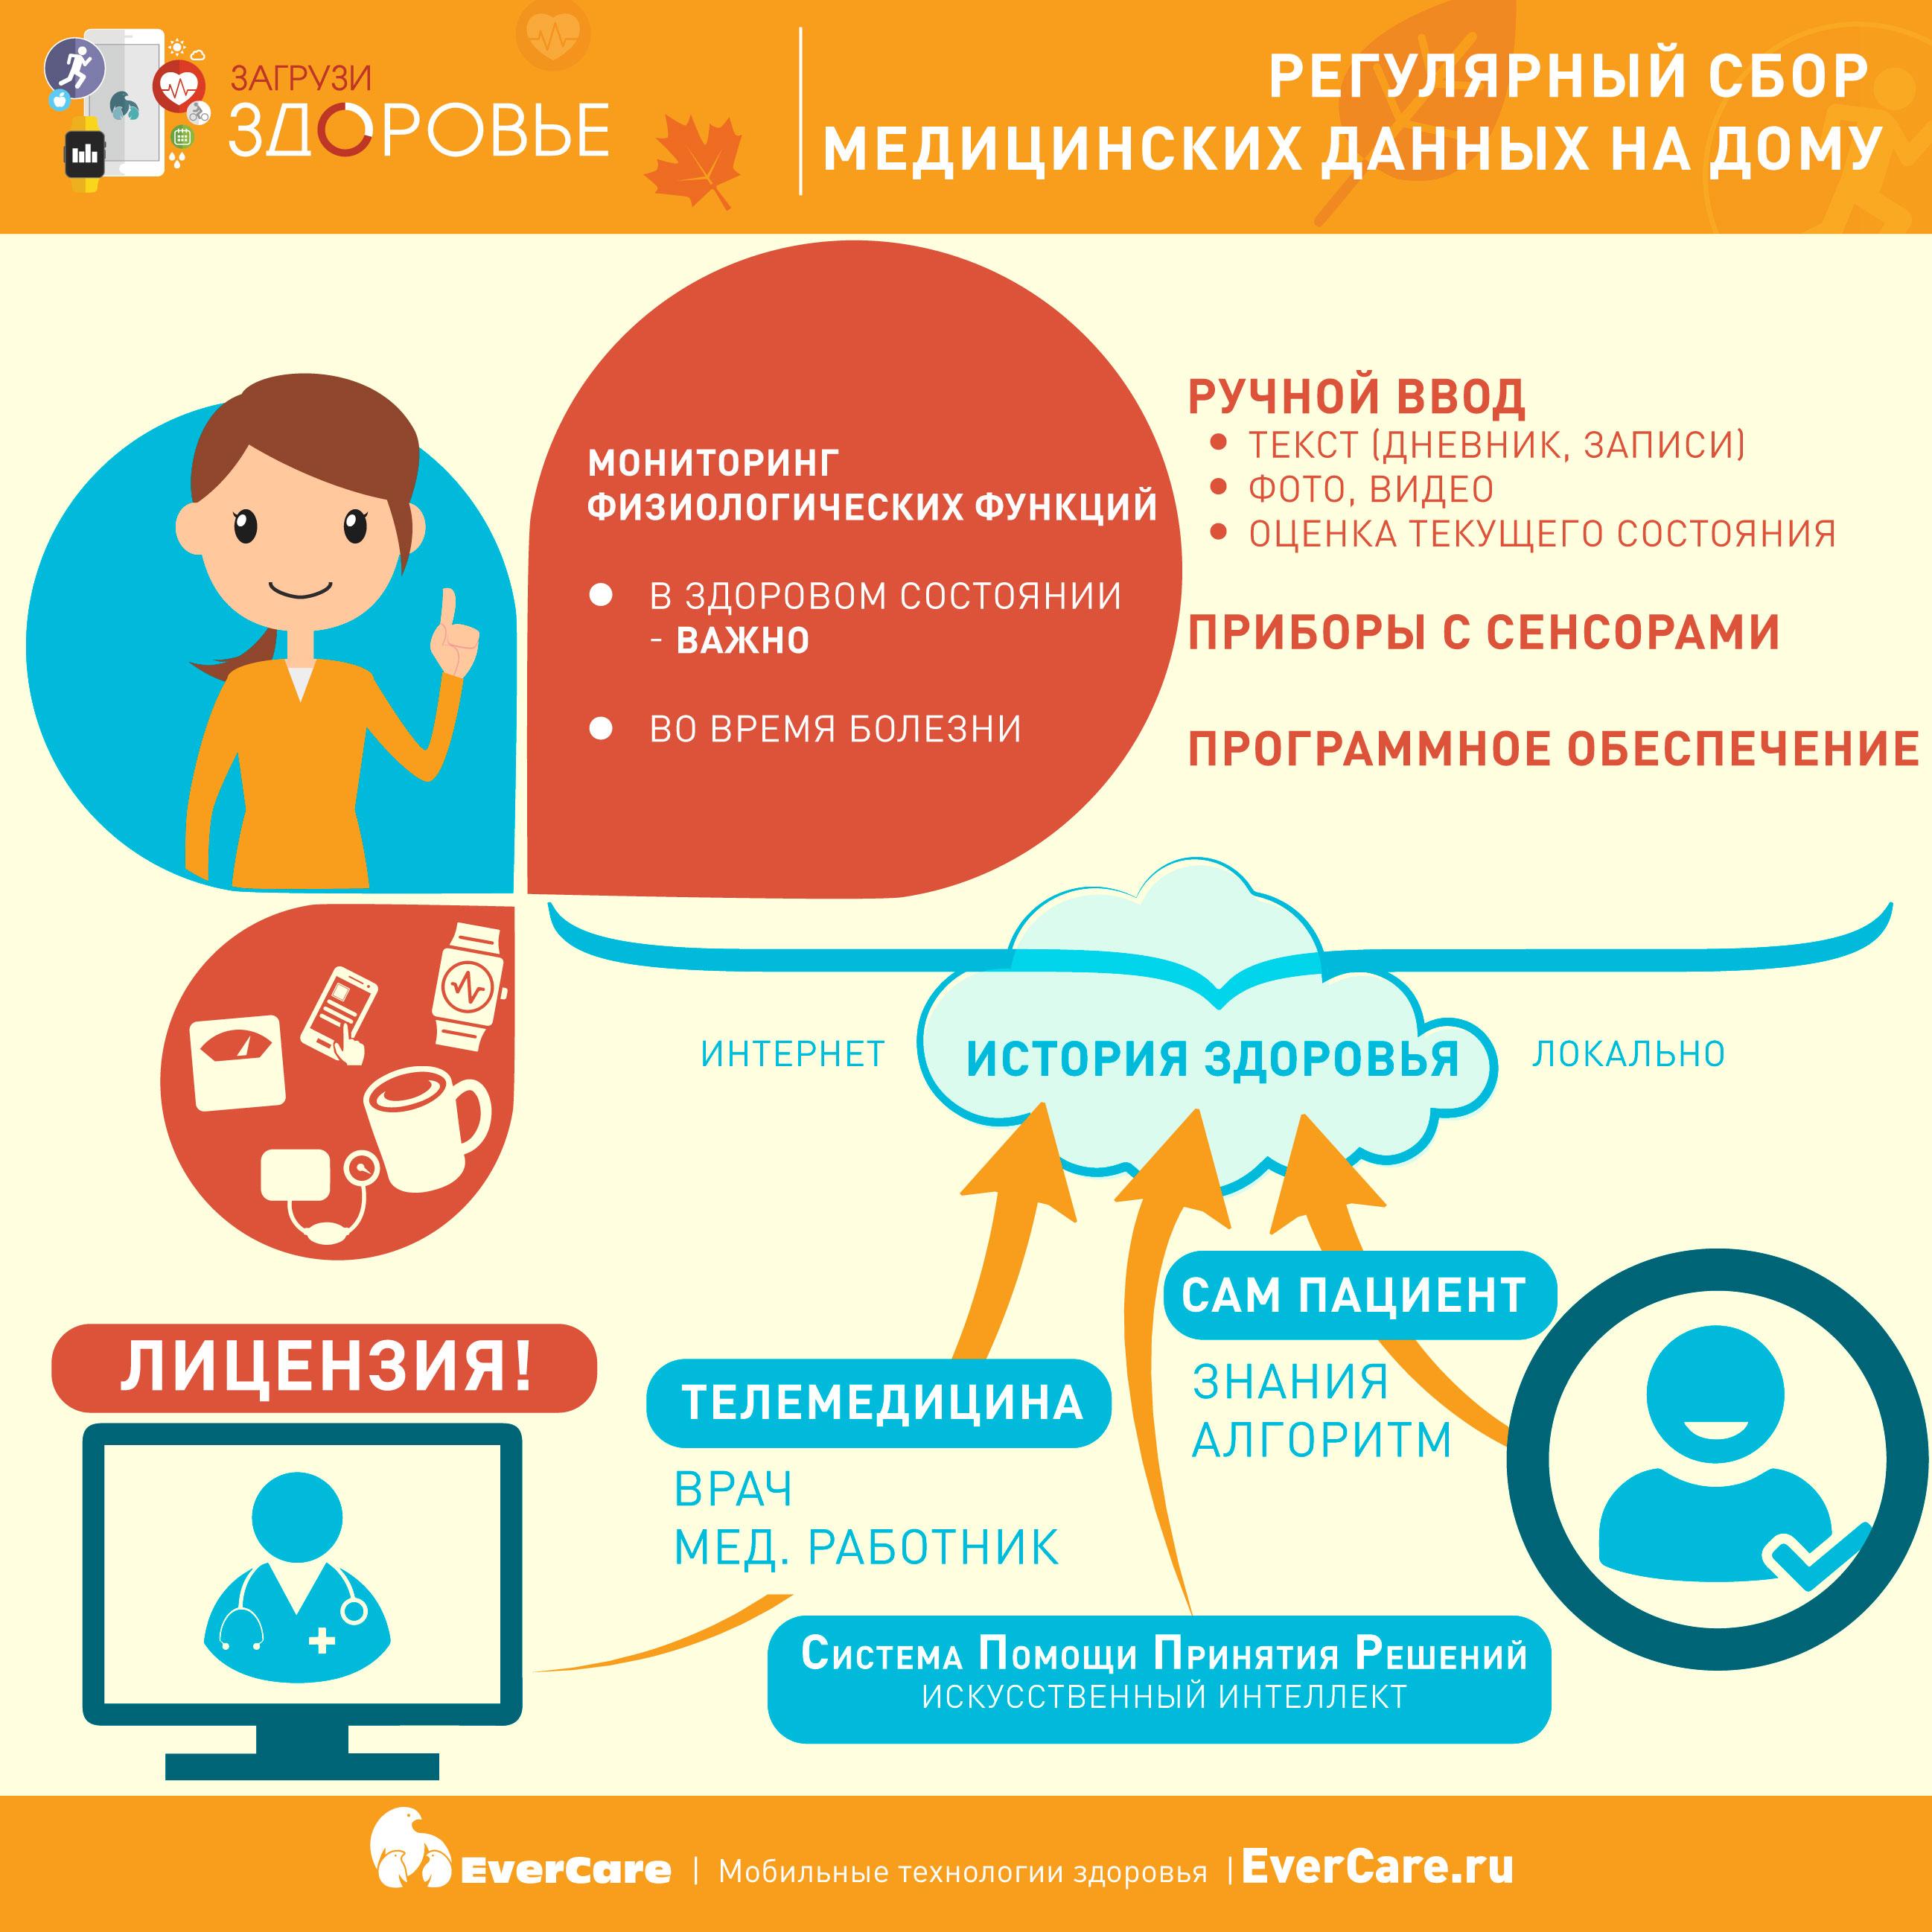 Регулярный сбор медицинских данных на дому, Инфографика